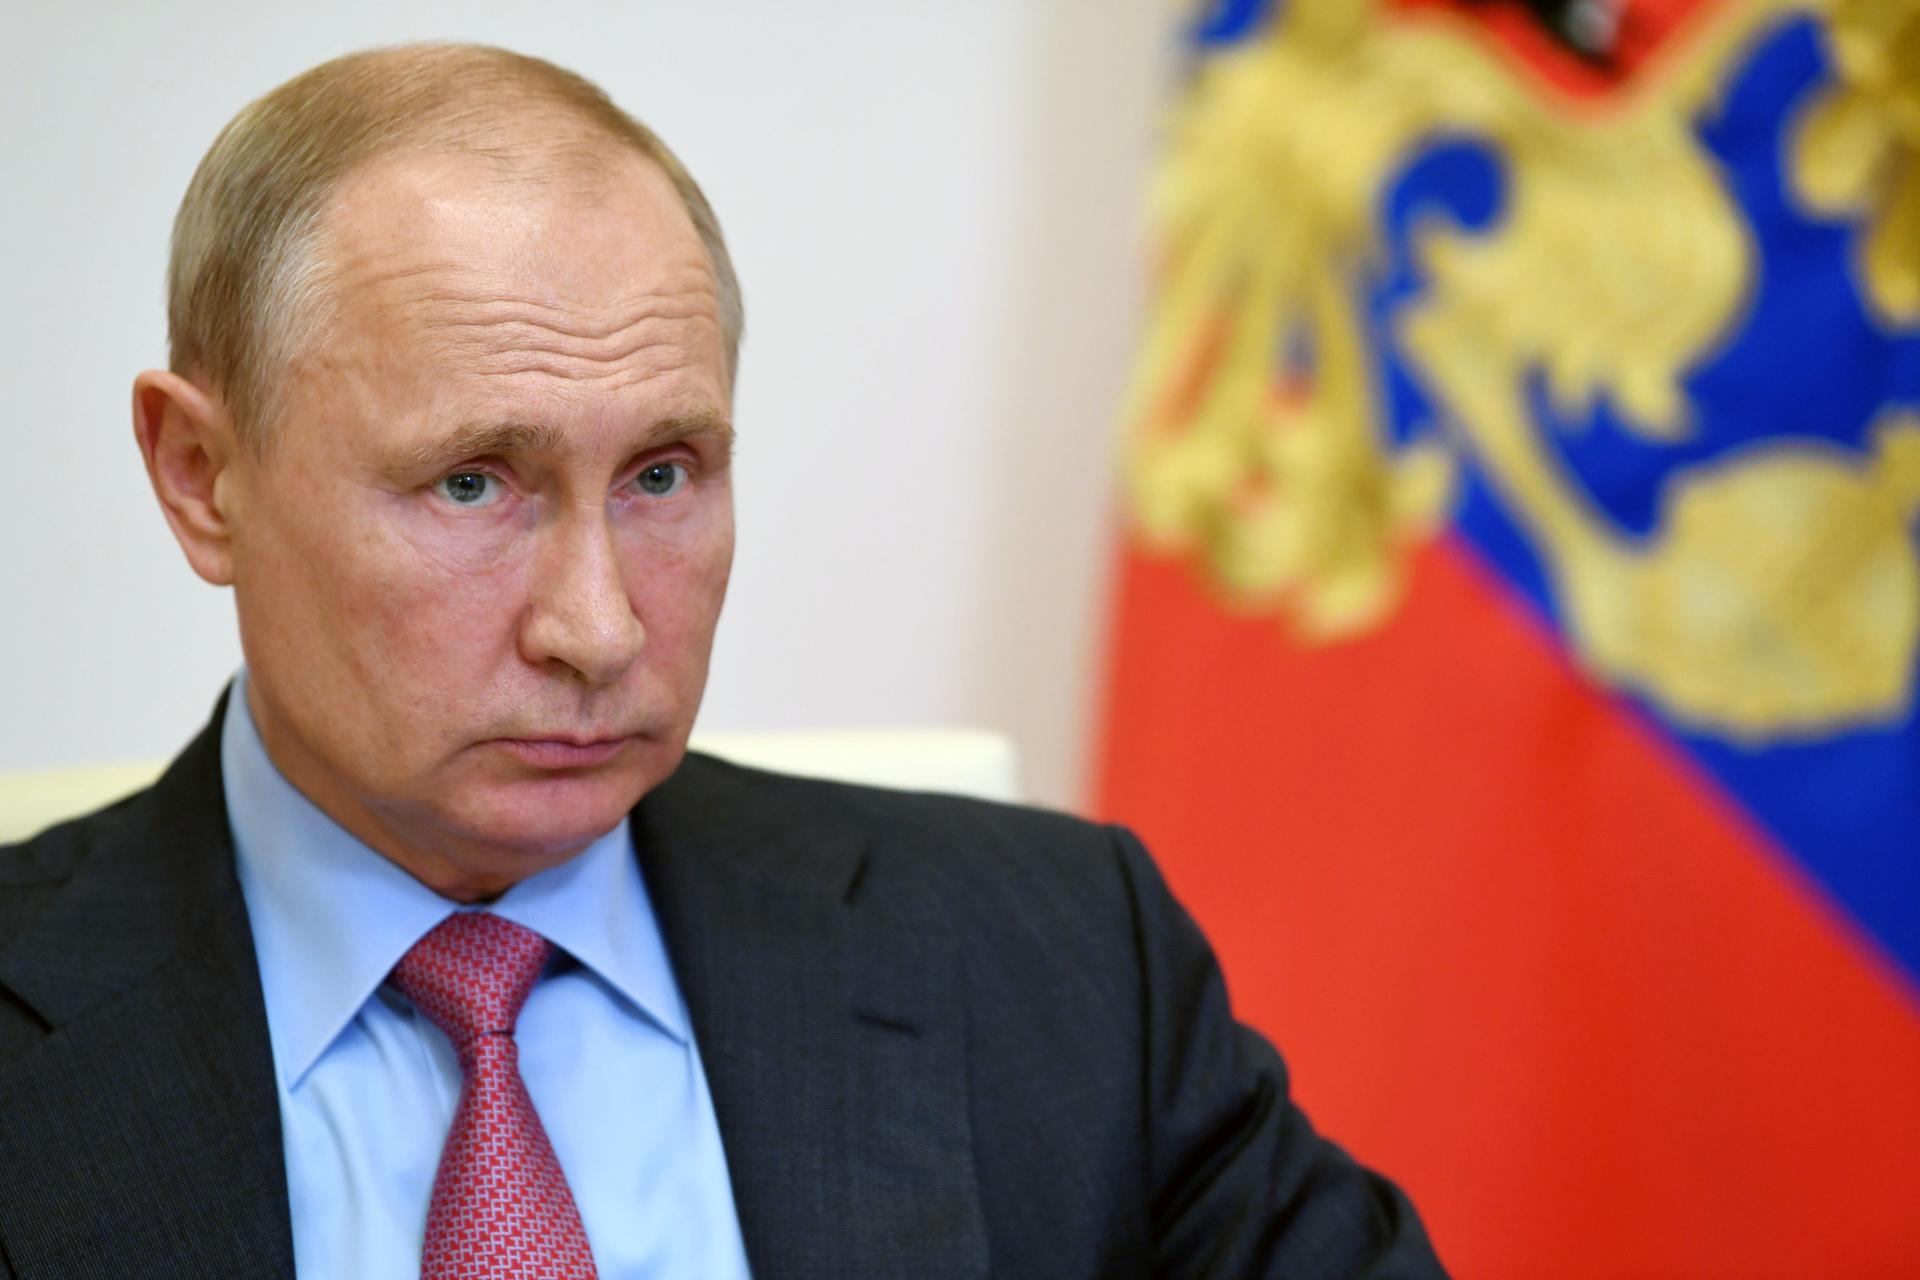 Putin poderá ficar no poder até 2036 se russos aprovarem mudança constitucional